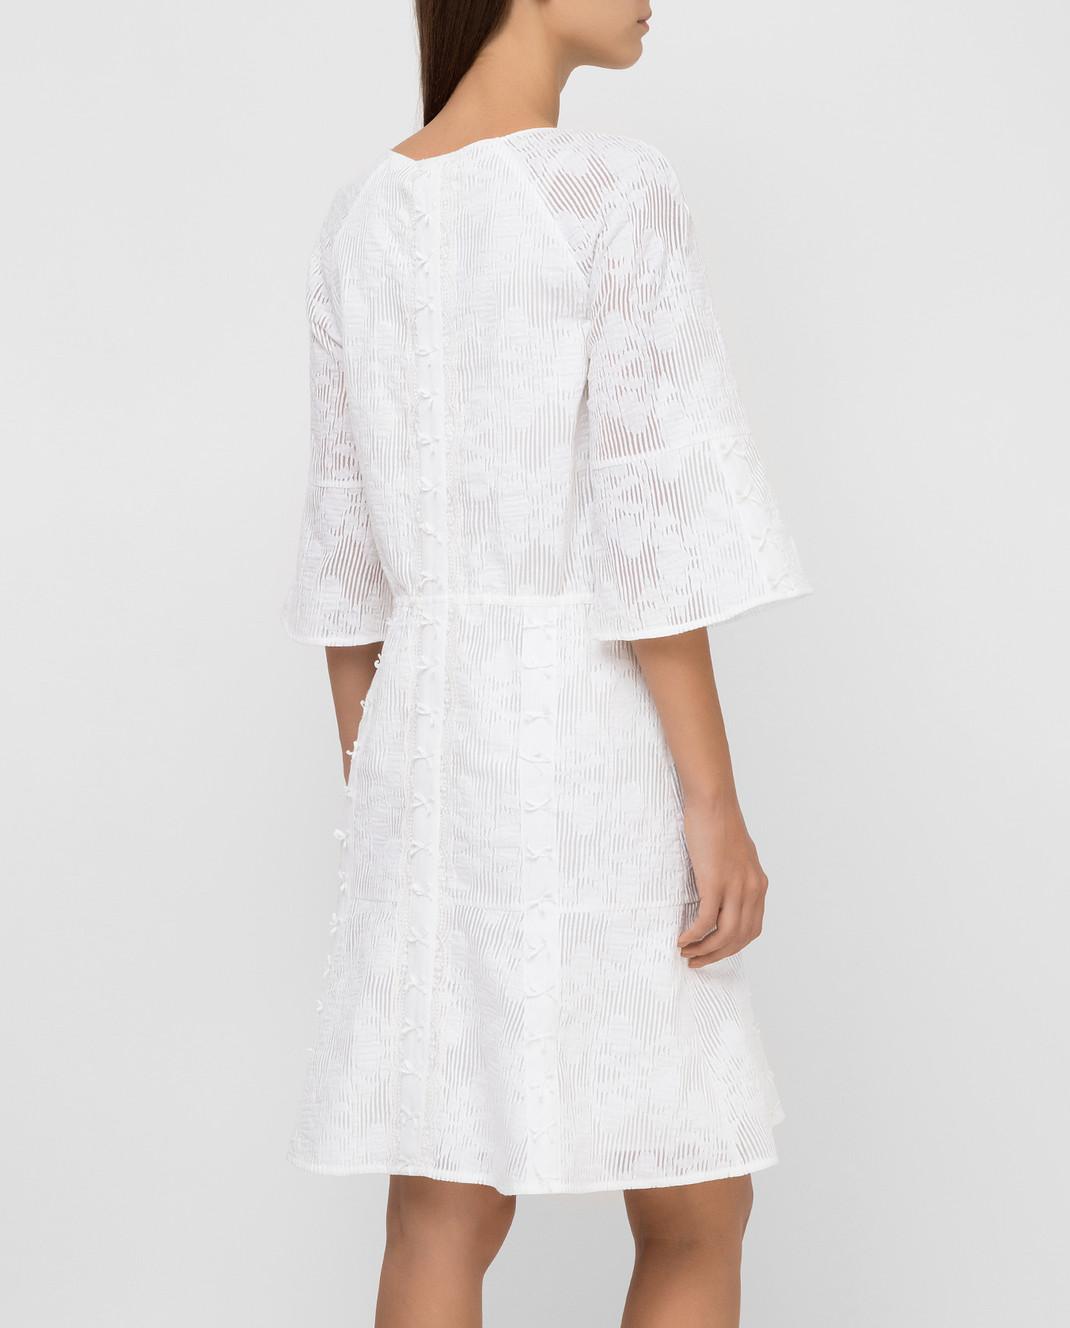 Blumarine Белое платье 6454 изображение 4